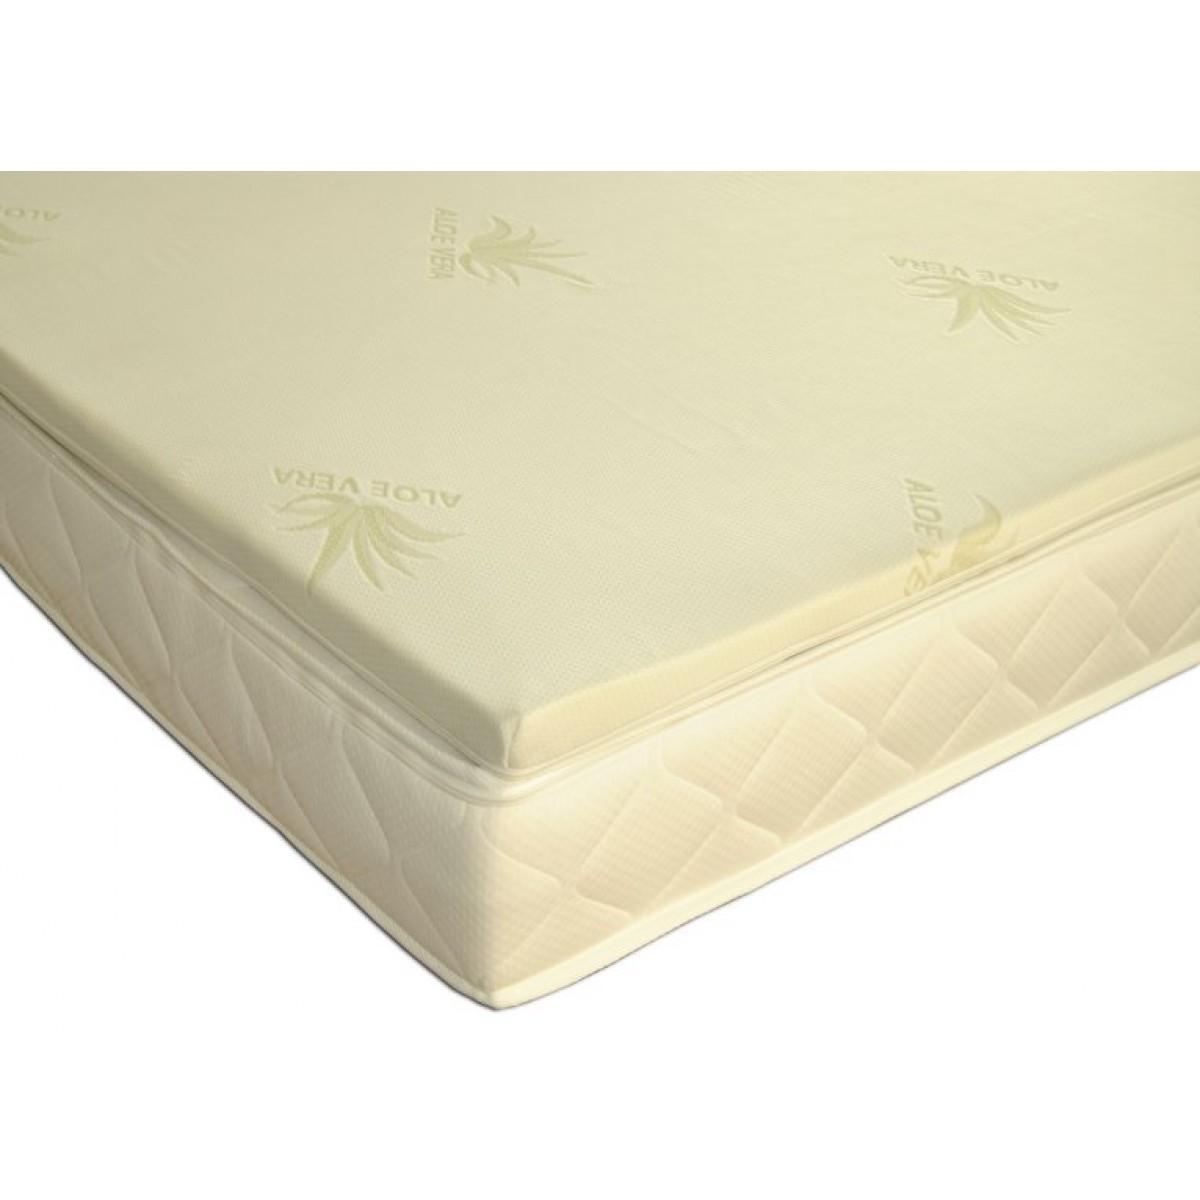 il topper in memory per rendere il materasso comodo sempre - cuscini